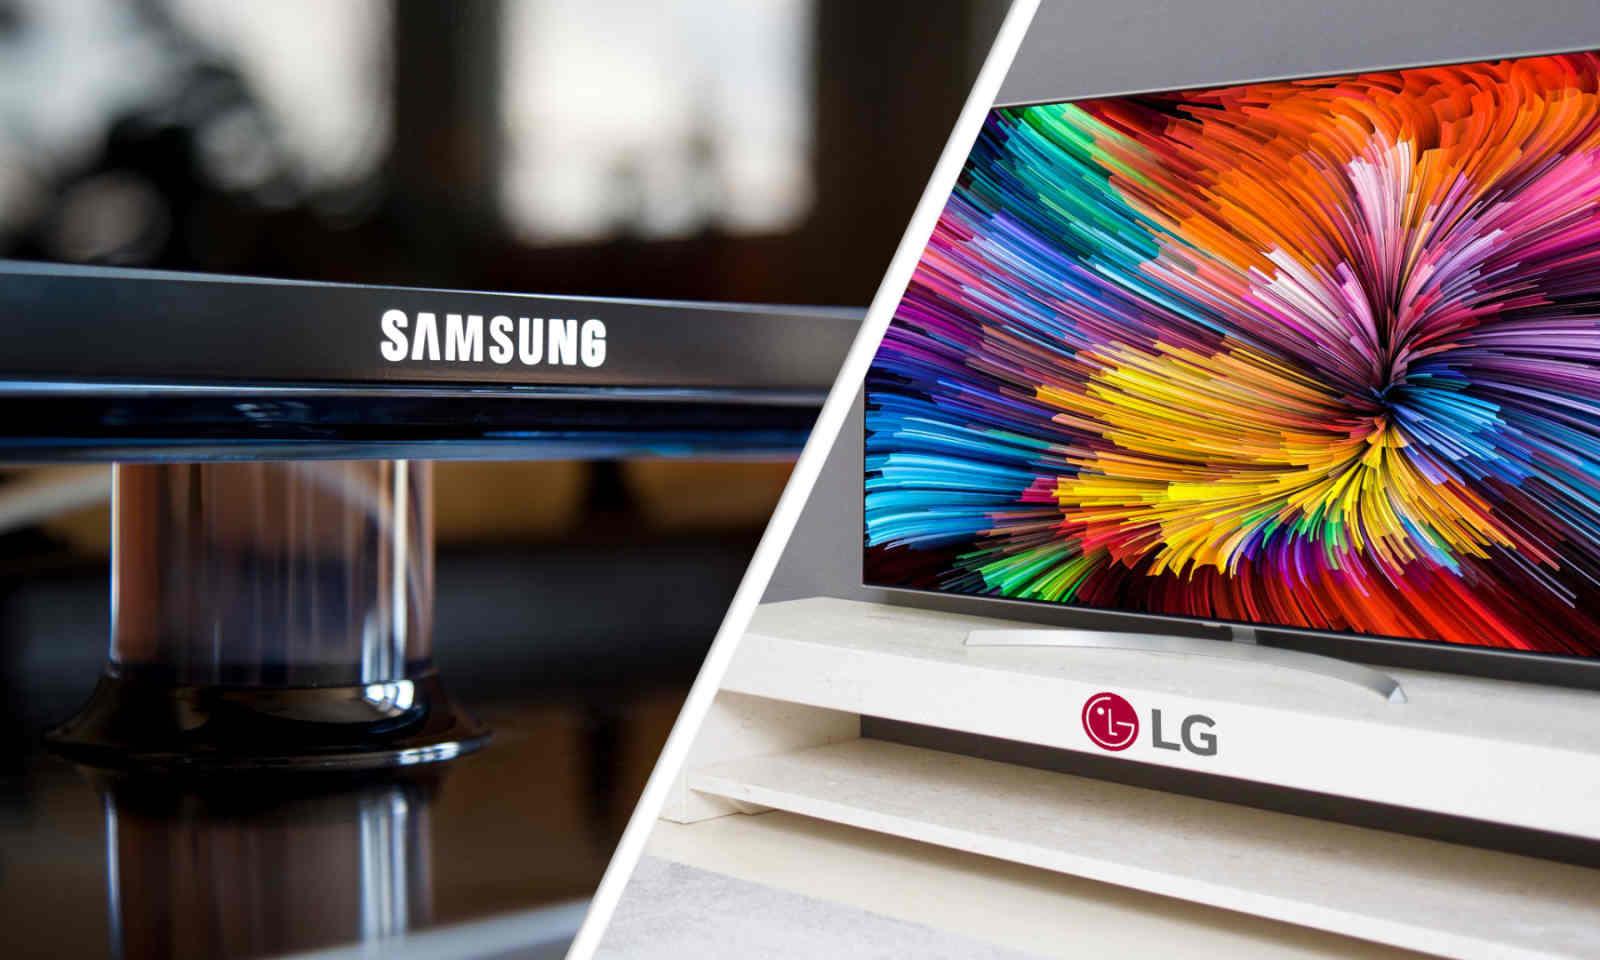 LG đang qua mặt Samsung ở mảng điện tử gia dụng